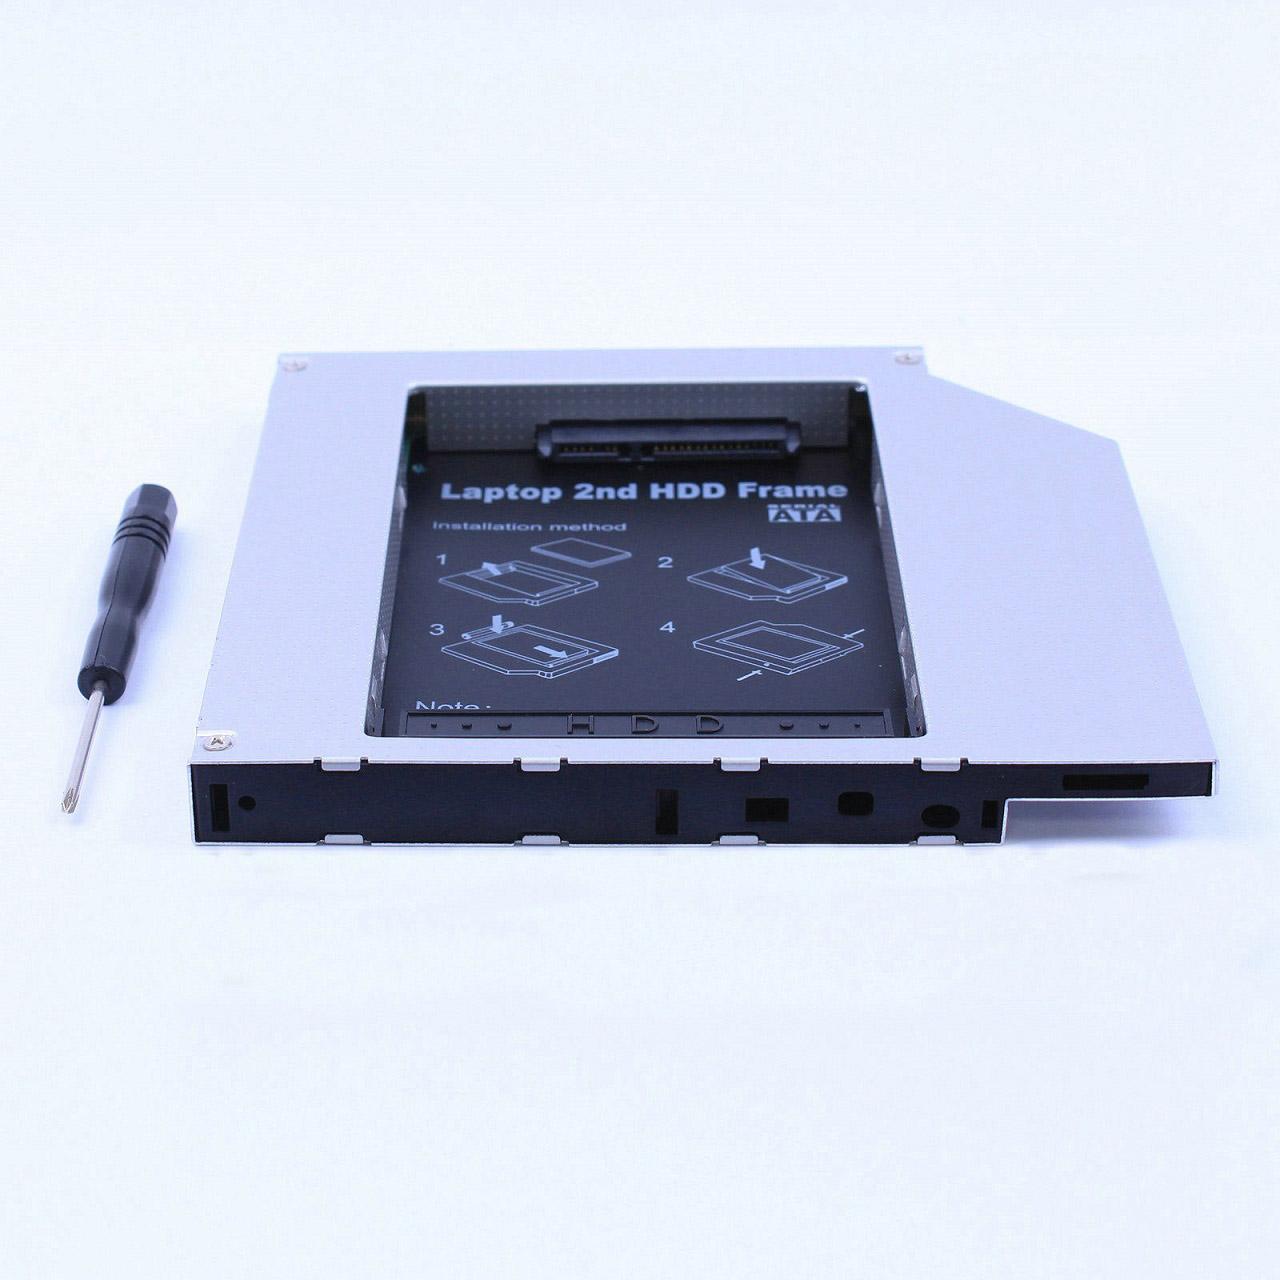 Rám / rámeček na HDD / harddisk / SSD místo CD / DVD mechaniky, připojení PATA /IDE , 12,7mm